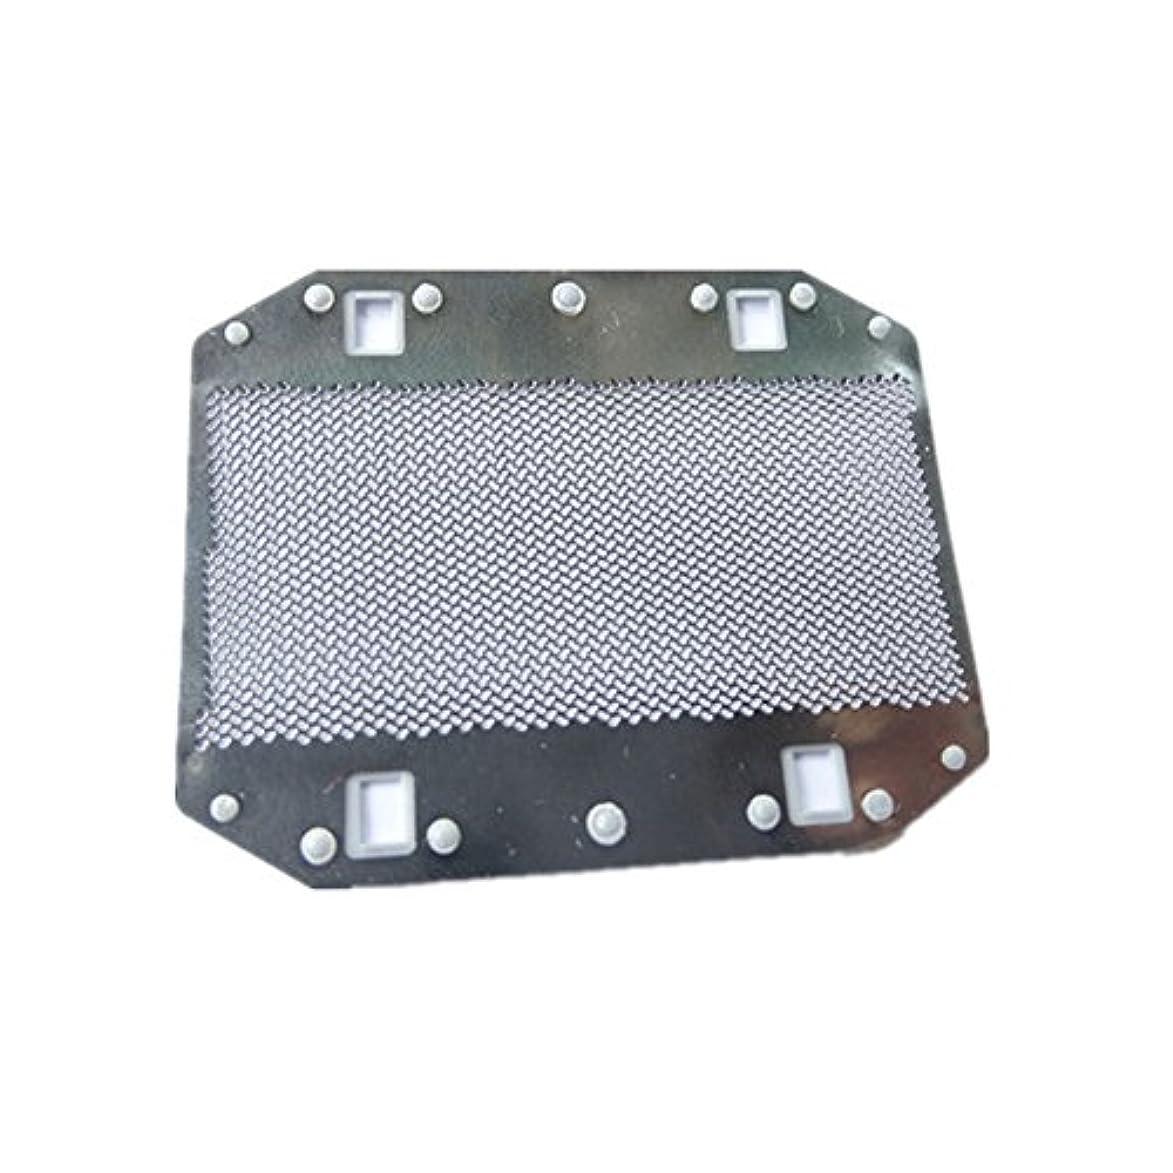 モーターネックレスカニHZjundasi シェーバー剃刀 Outer ホイル for Panasonic ES3050/376/317/RC40/RP20 ES9943C